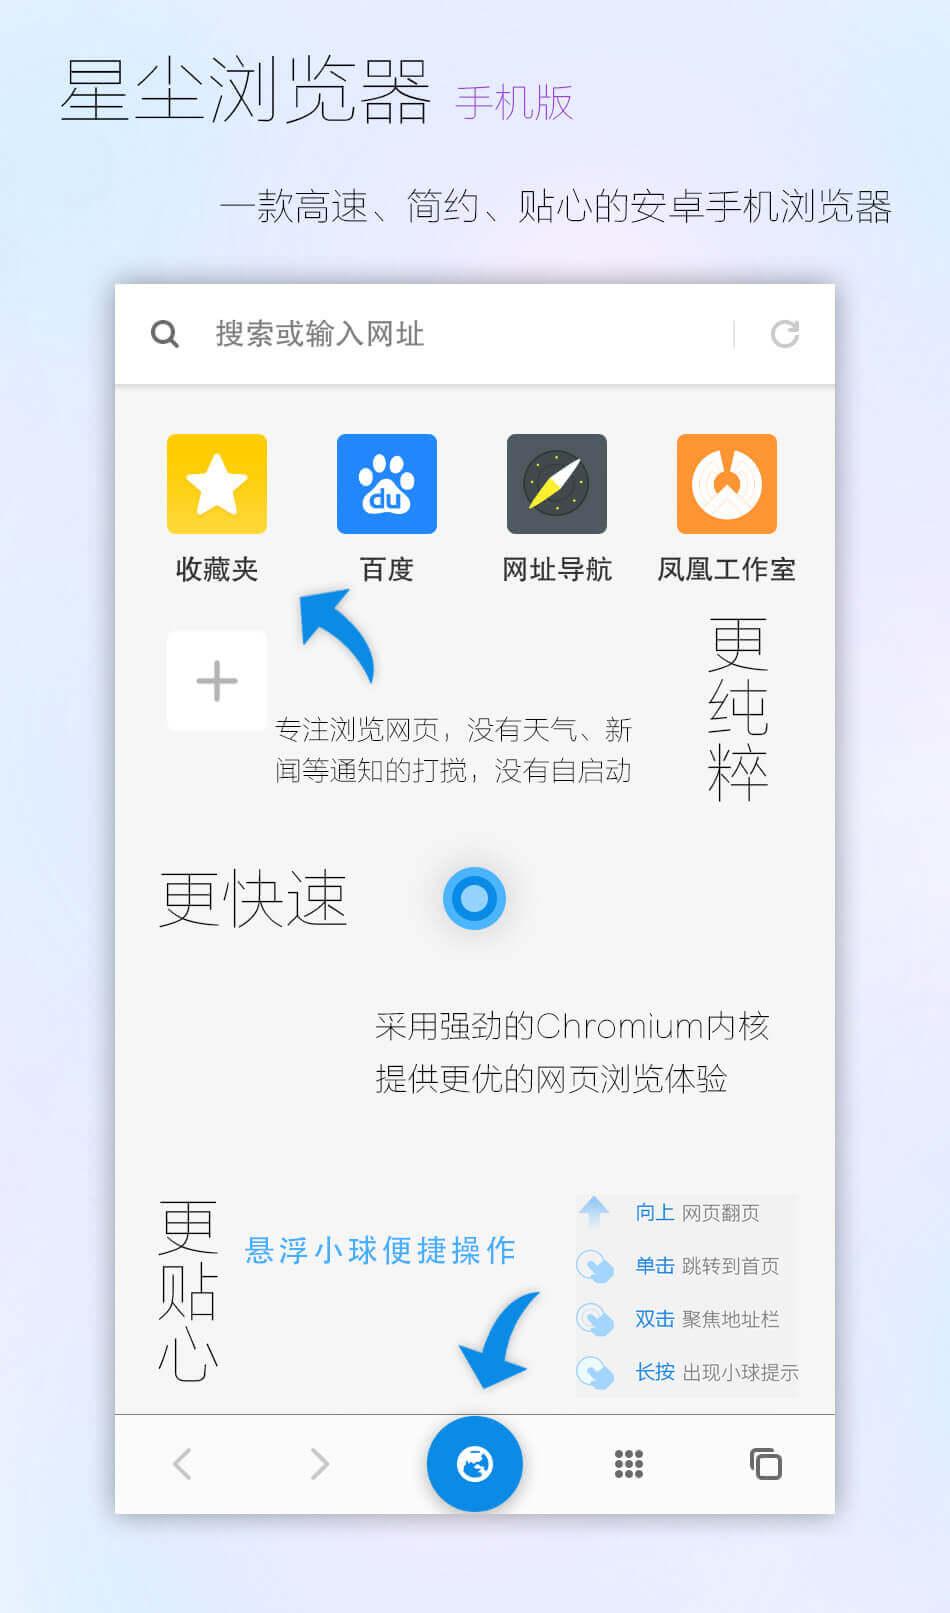 星尘浏览器-Android手机、平板浏览器[免费]-正版中国